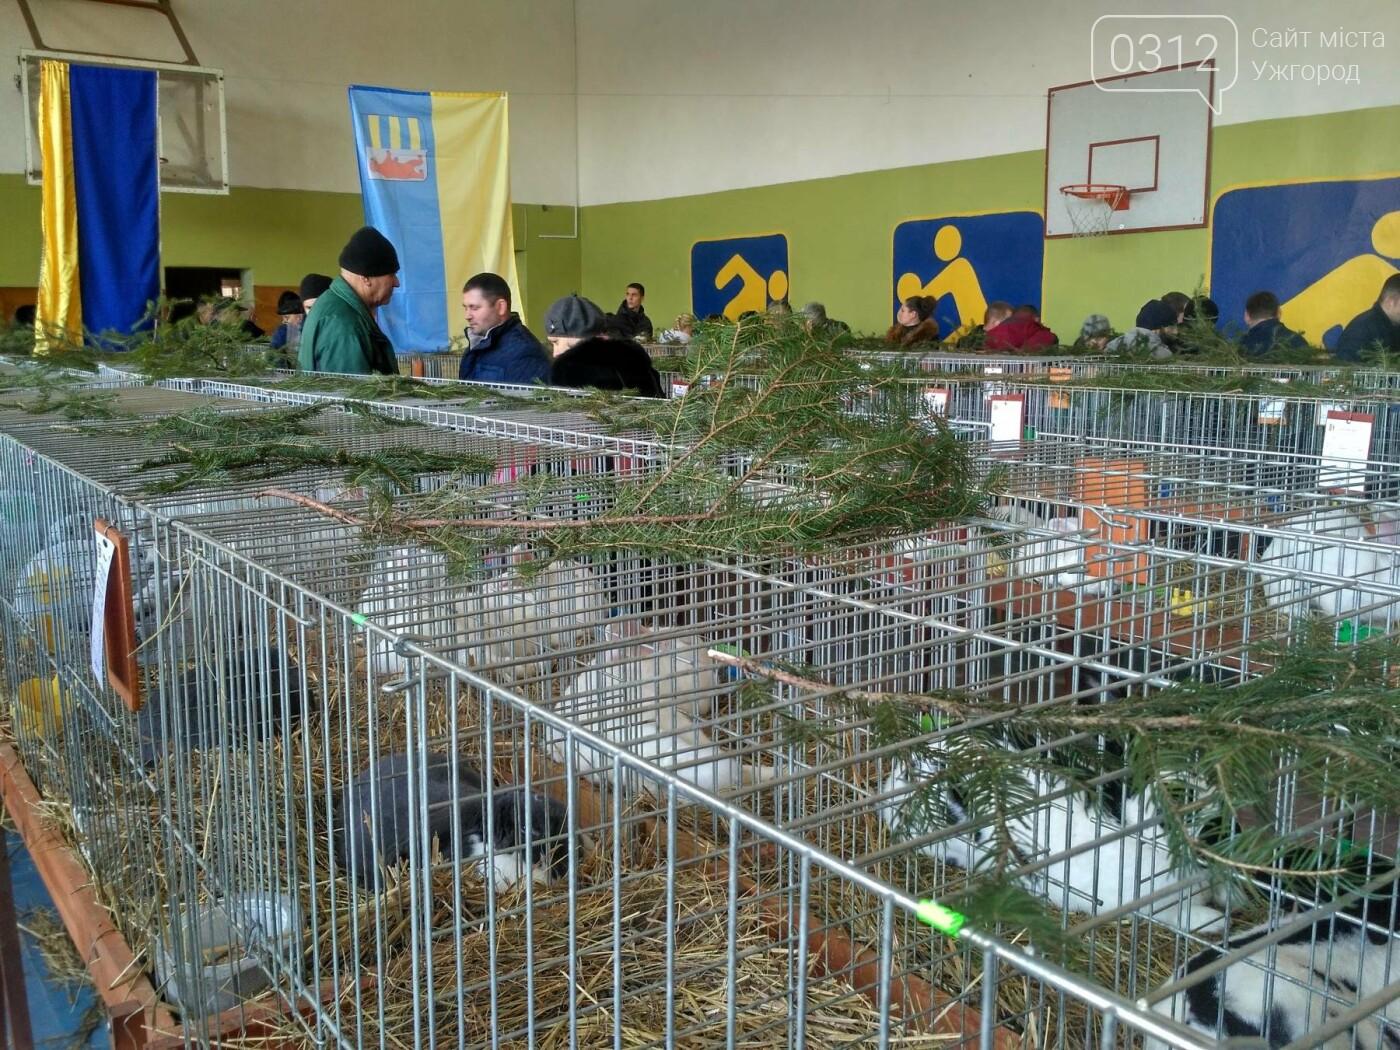 В Ужгороді пройшов 7-й традиційний показ за участі понад 200 елітних кроликів (ФОТОРЕПОРТАЖ), фото-1